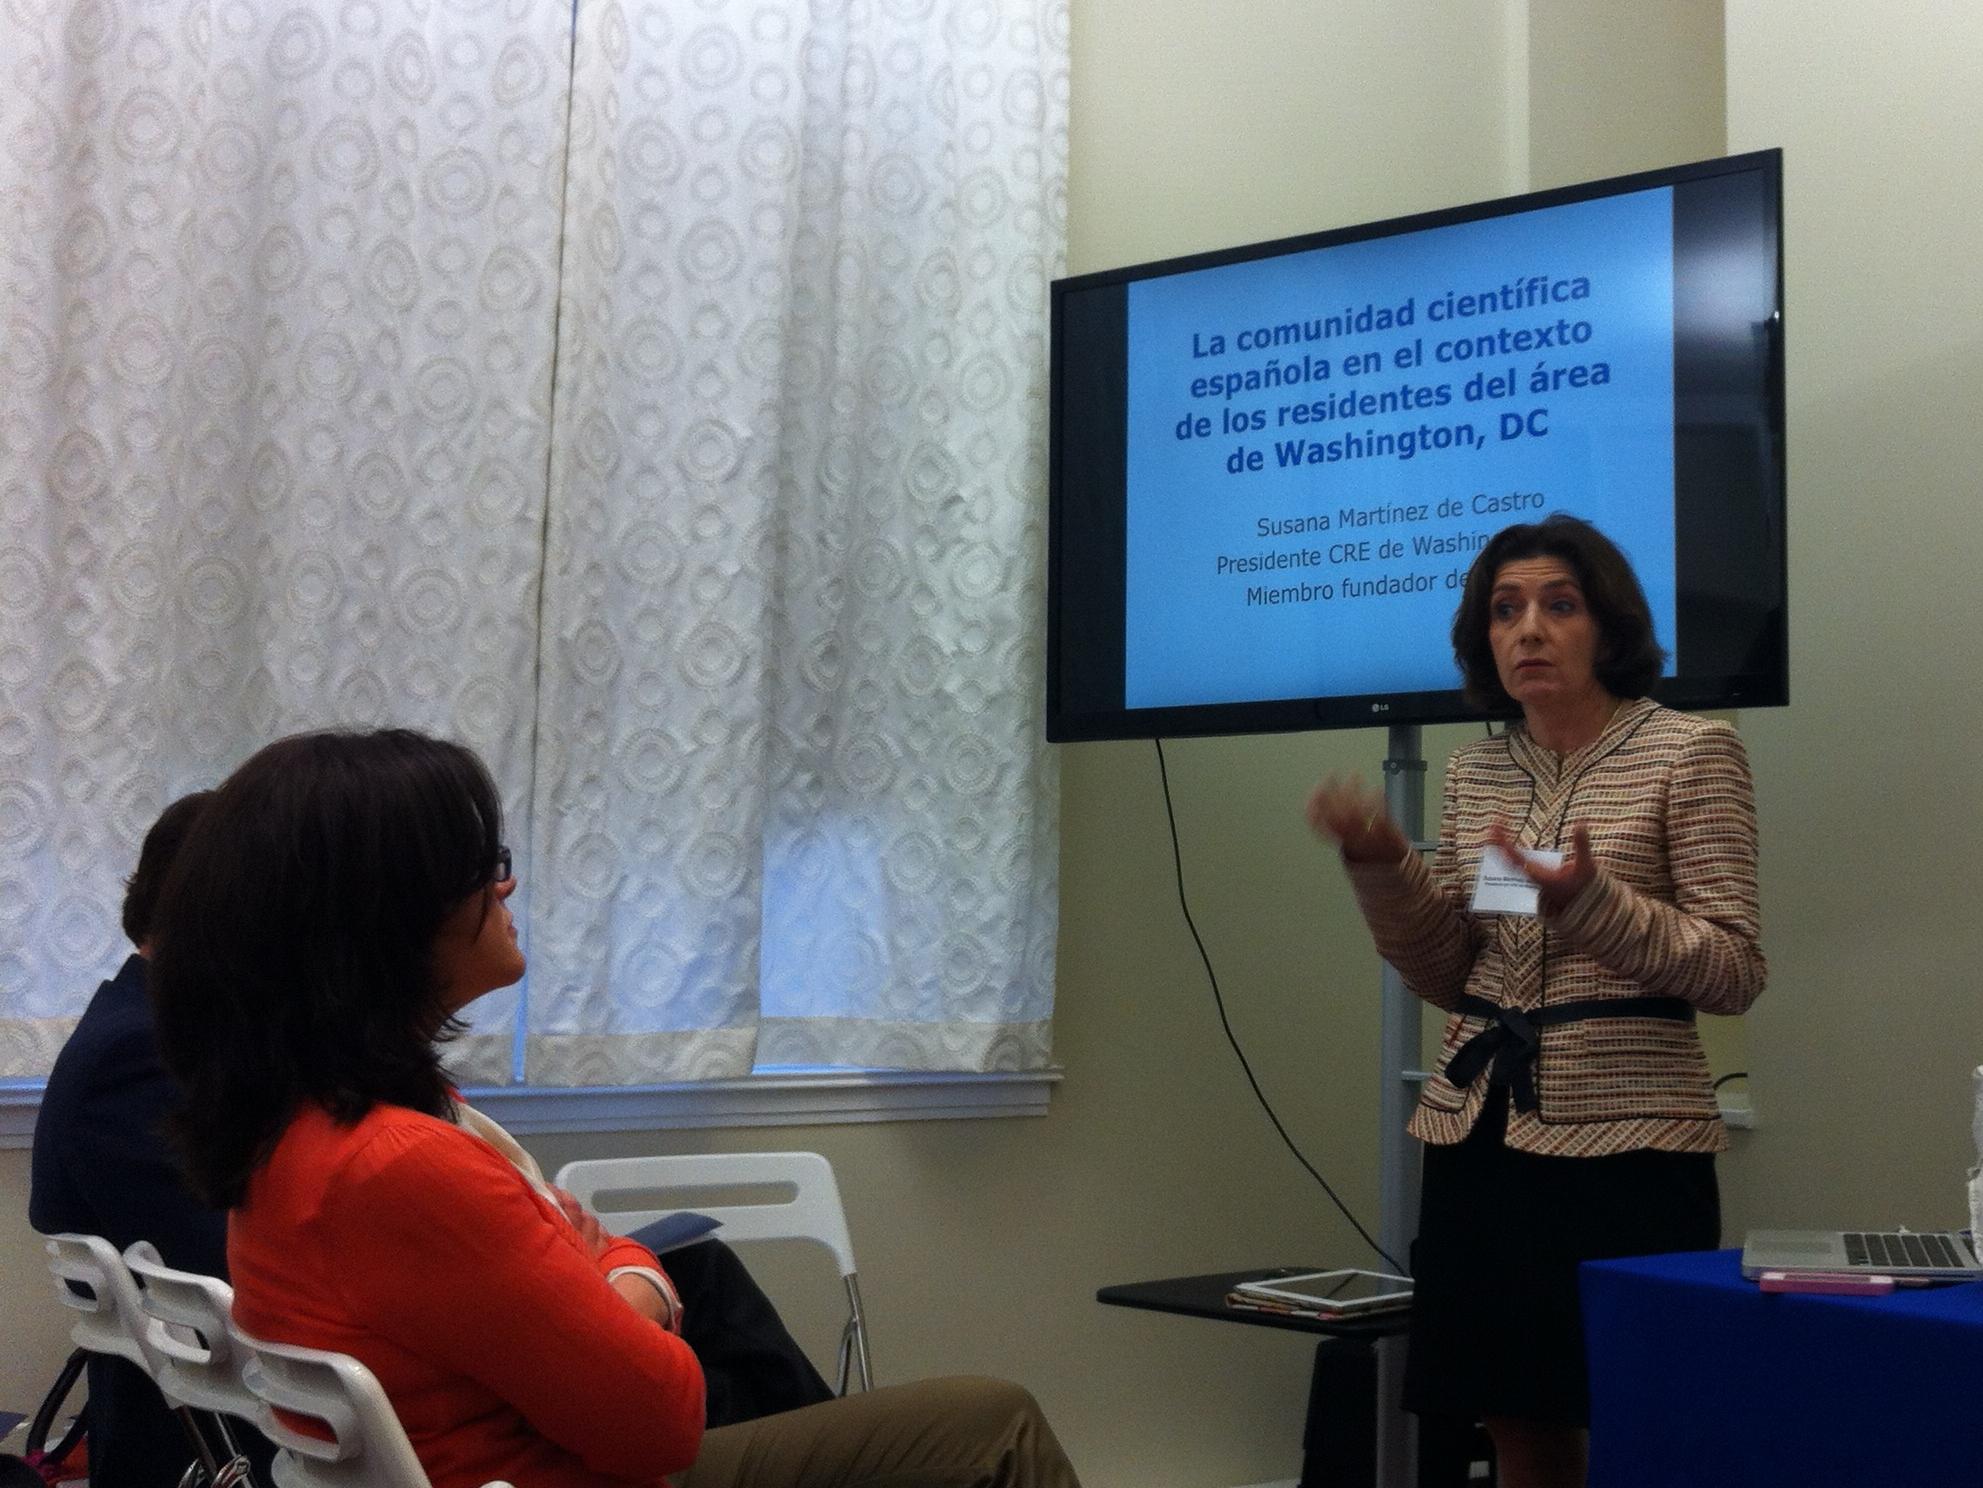 Susana Martínez presentó estadísticas sobre la comunidad española y de científicos en el área de Washington, DC.